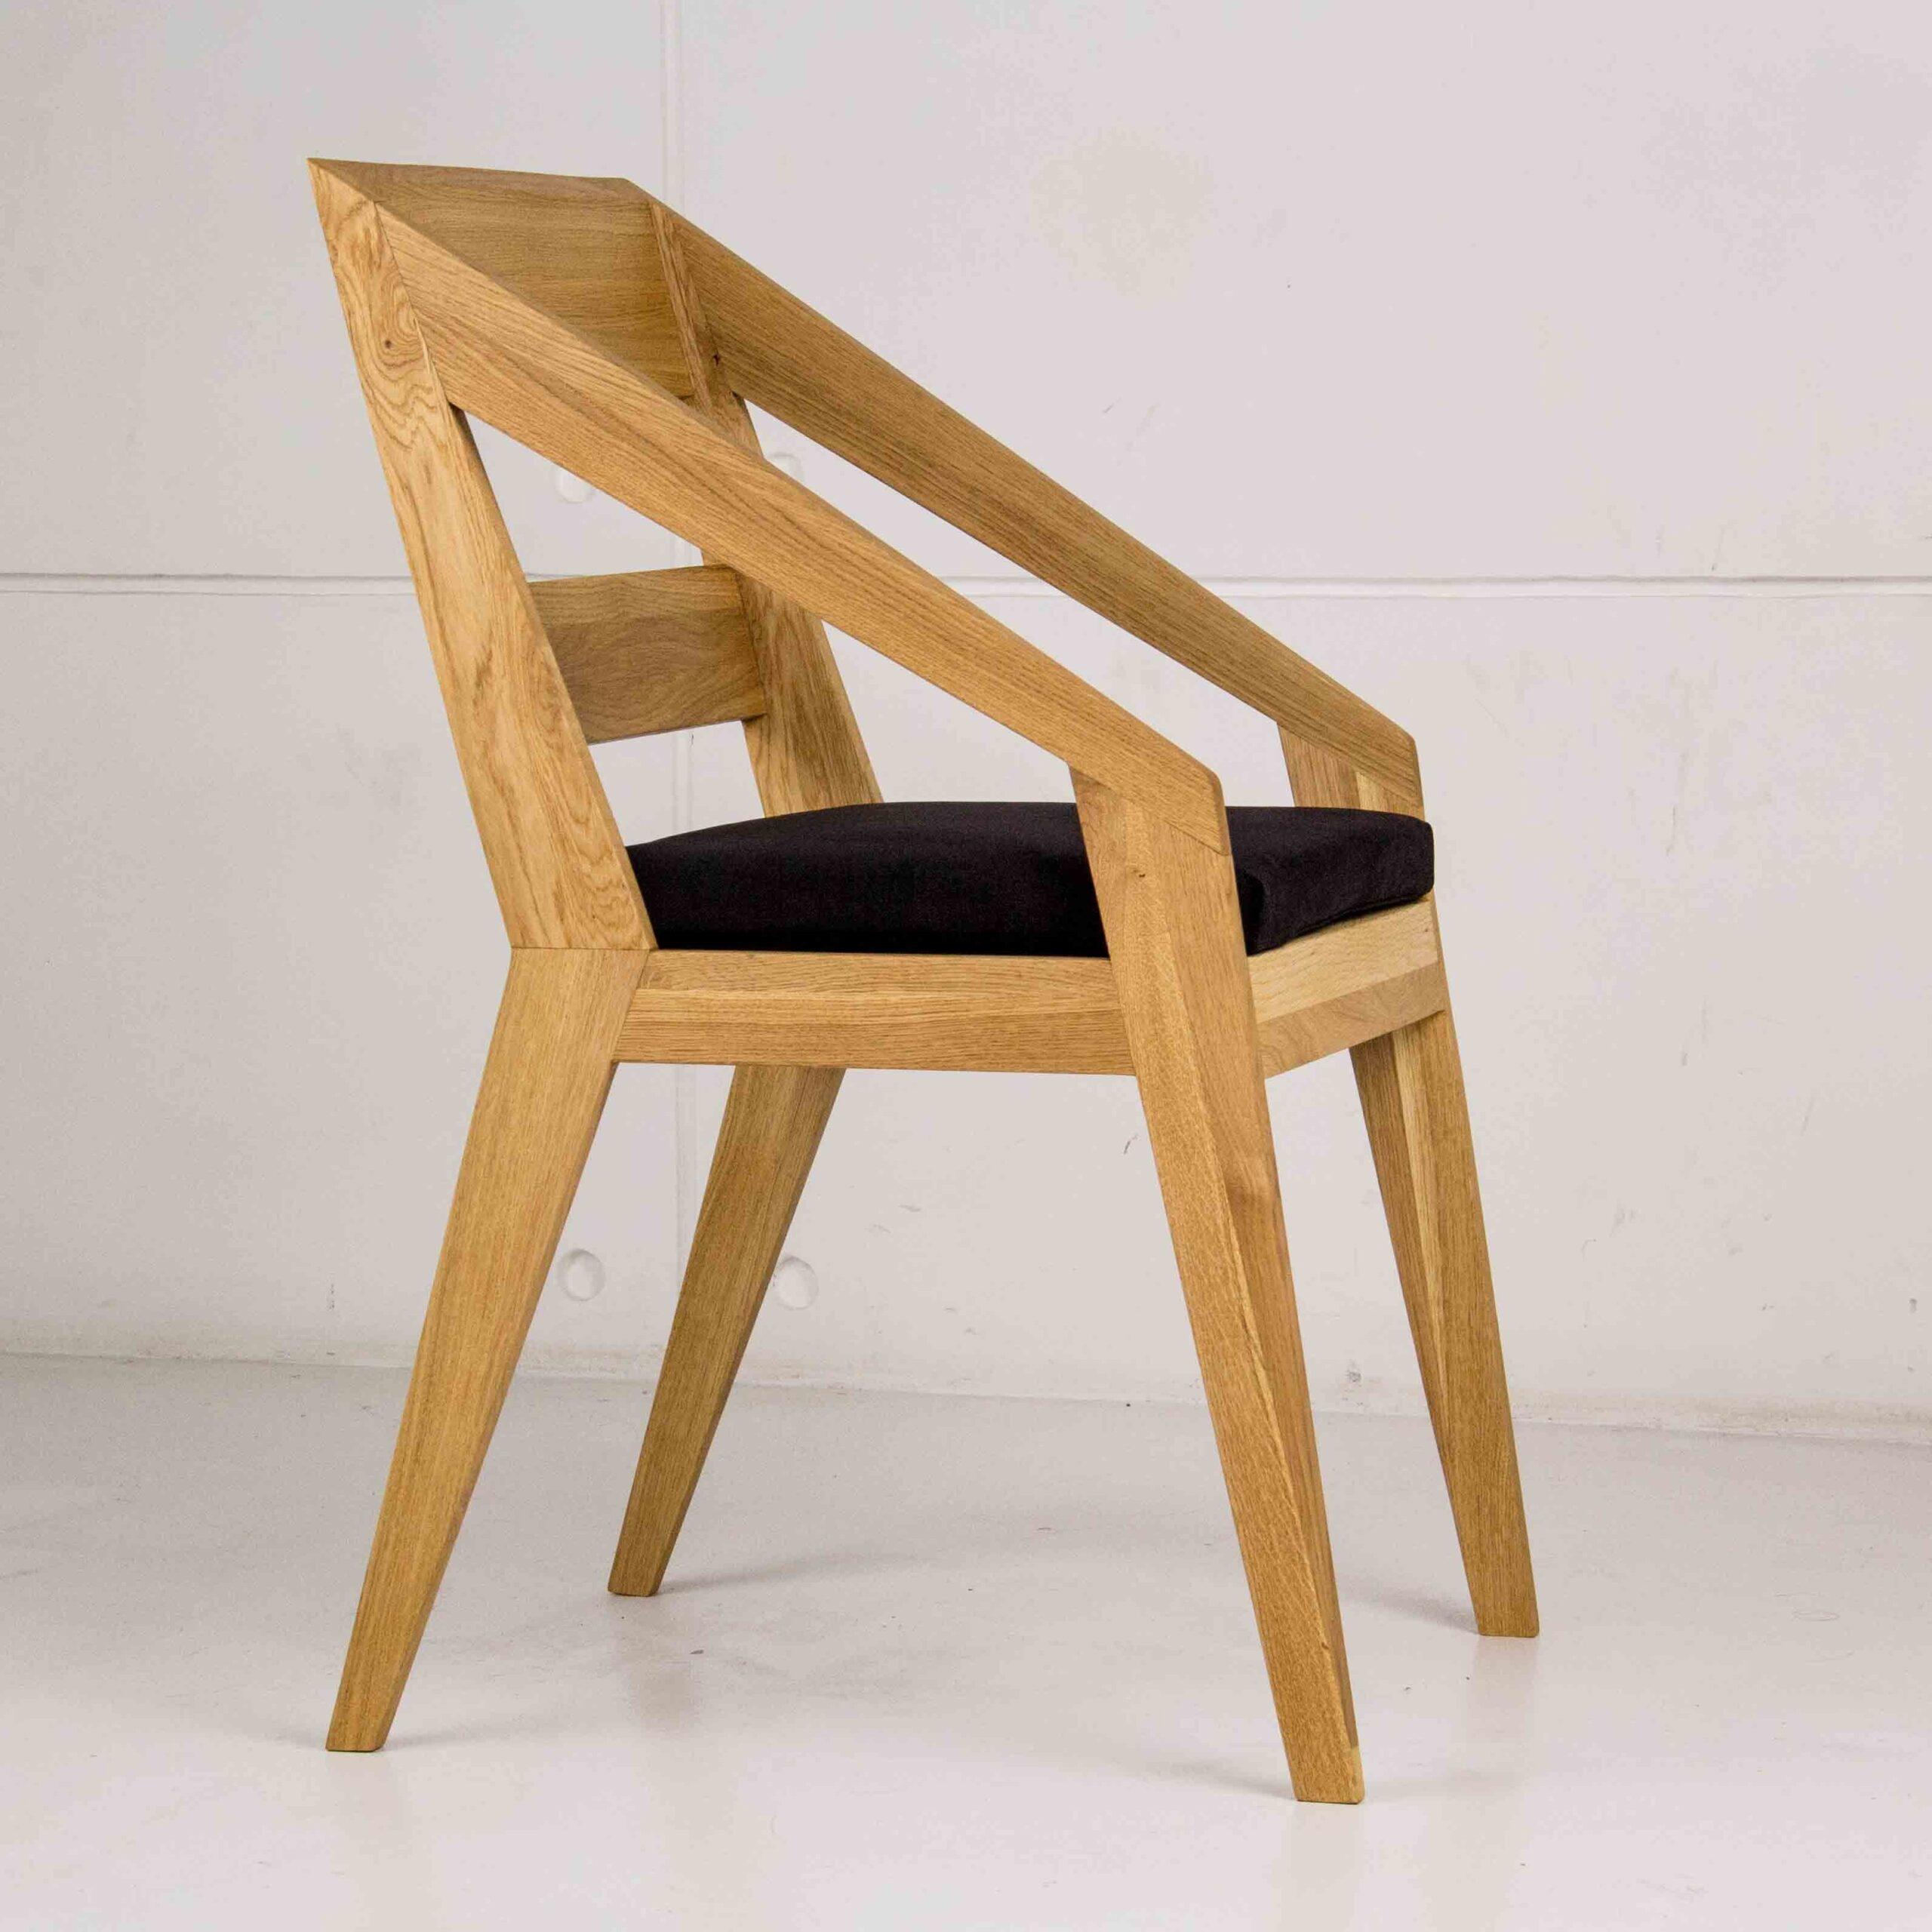 породы дерева для стула